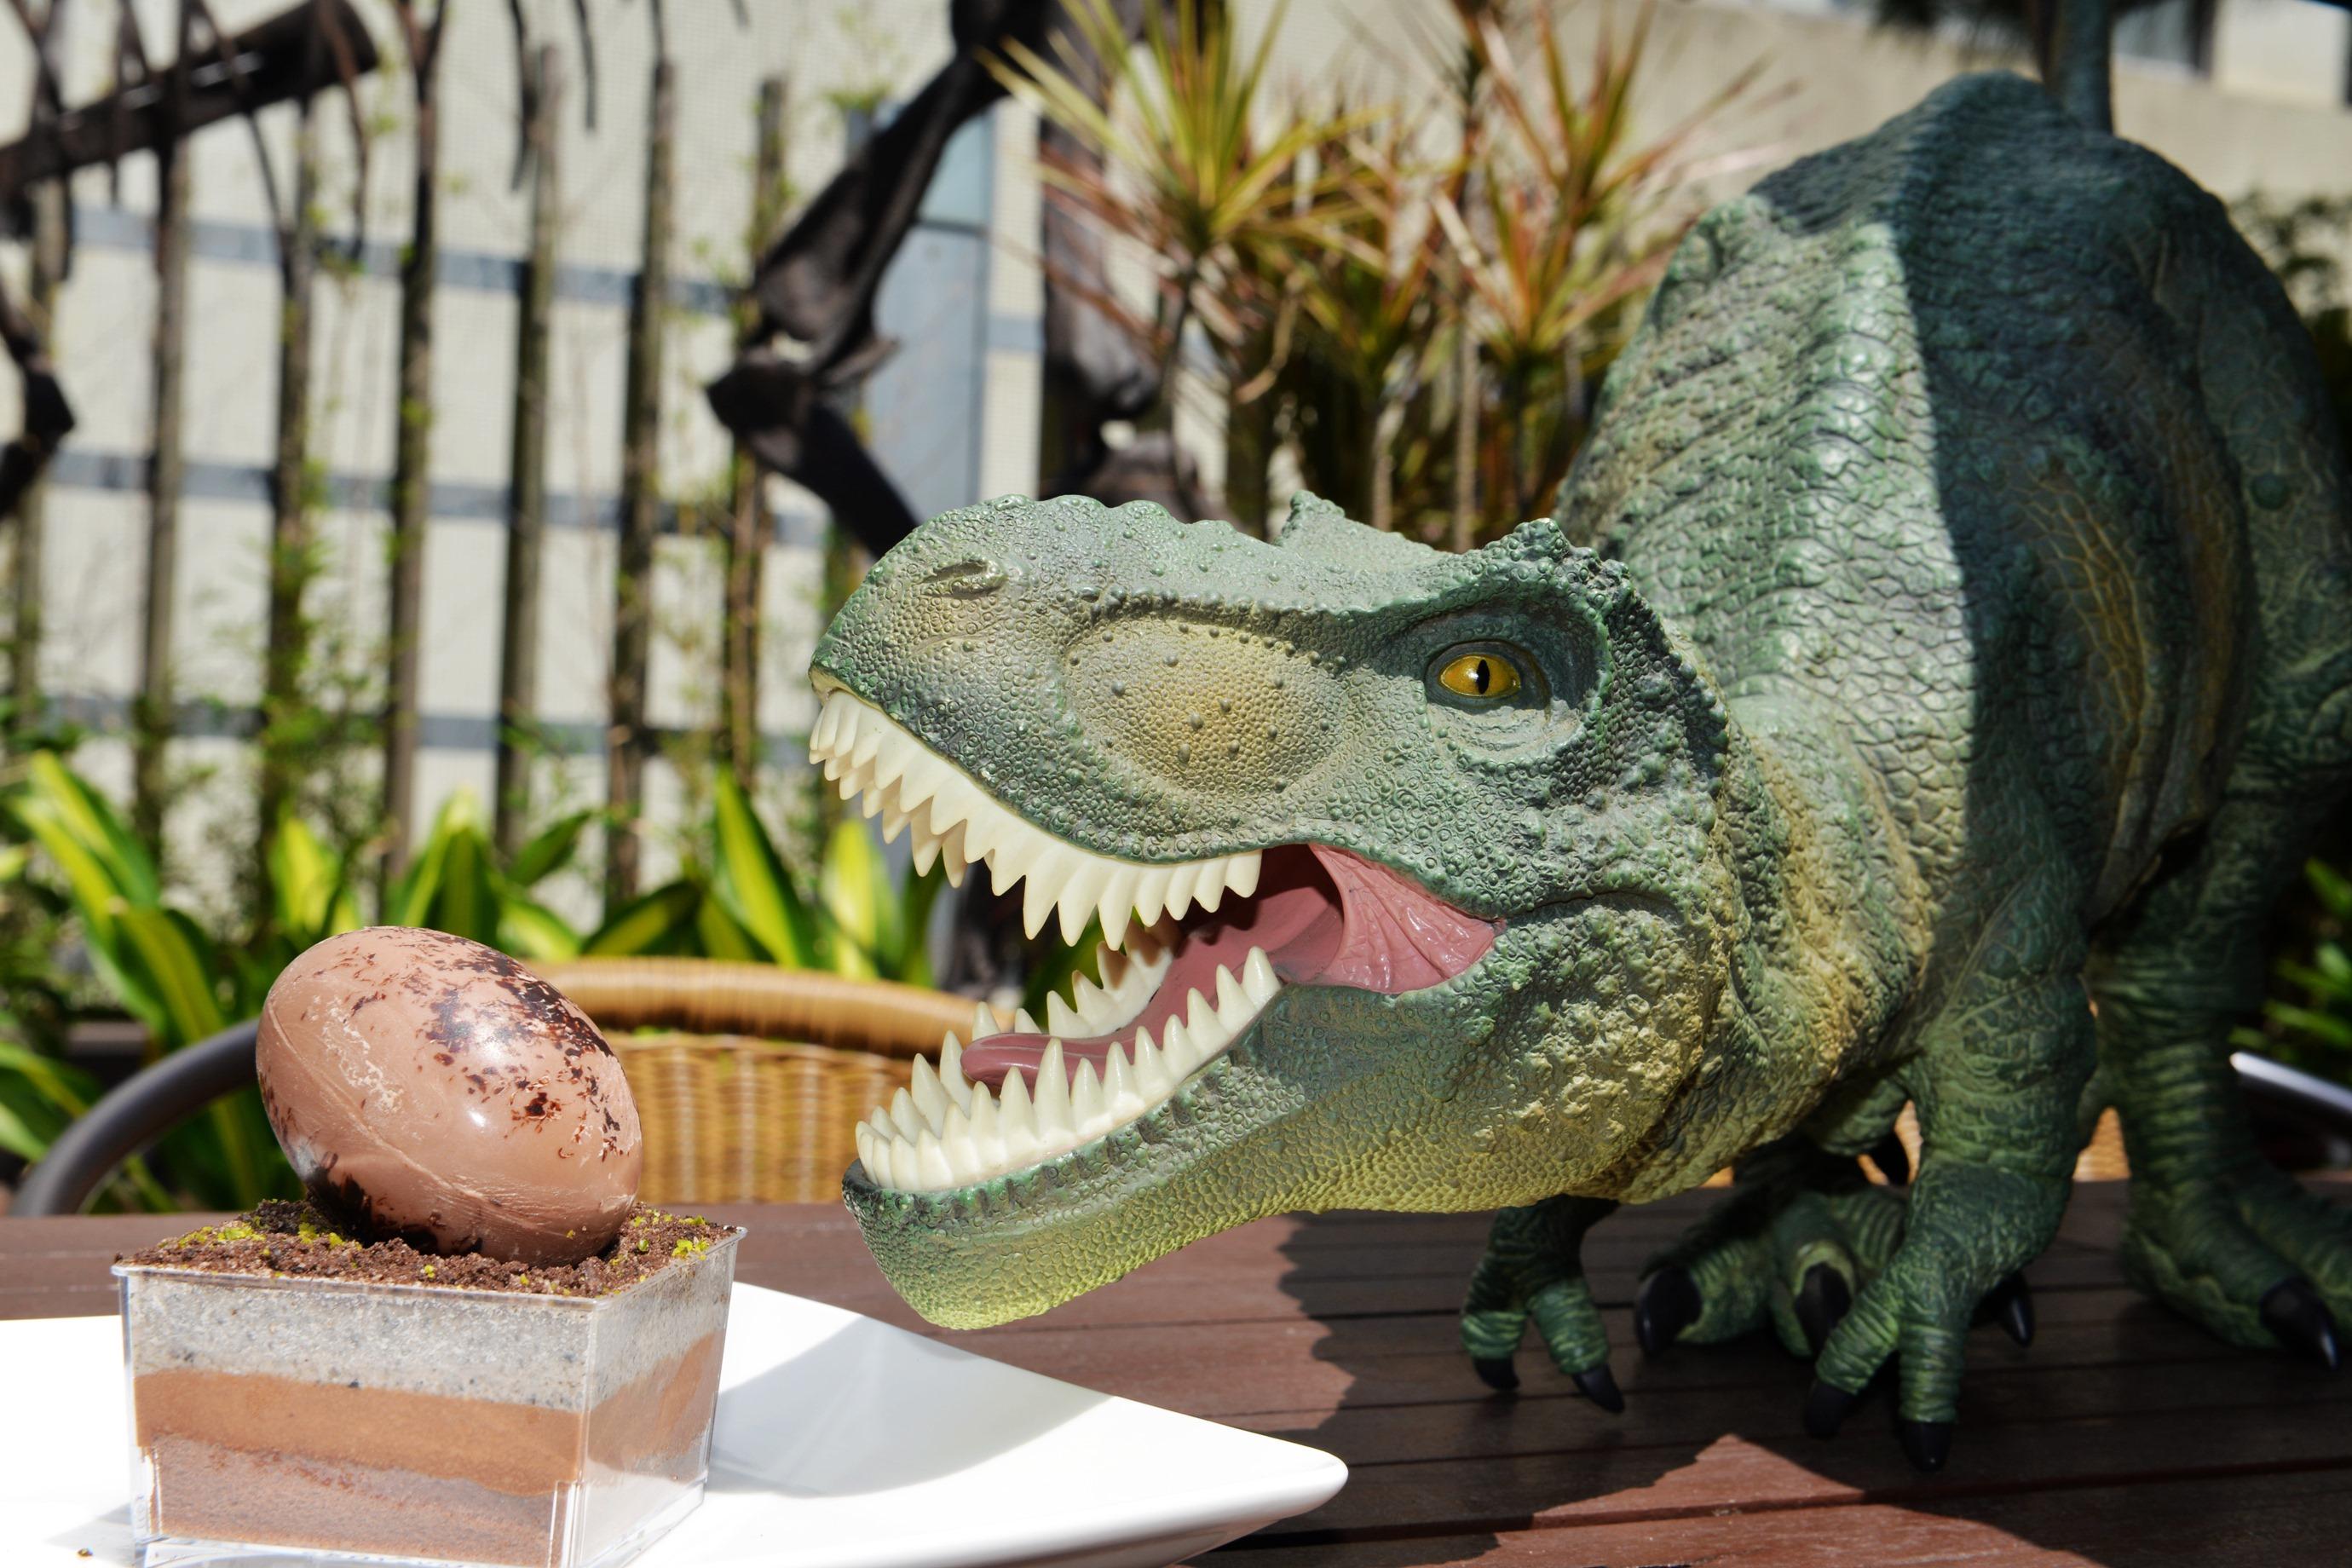 土銀館恐龍餐廳照片,共2張